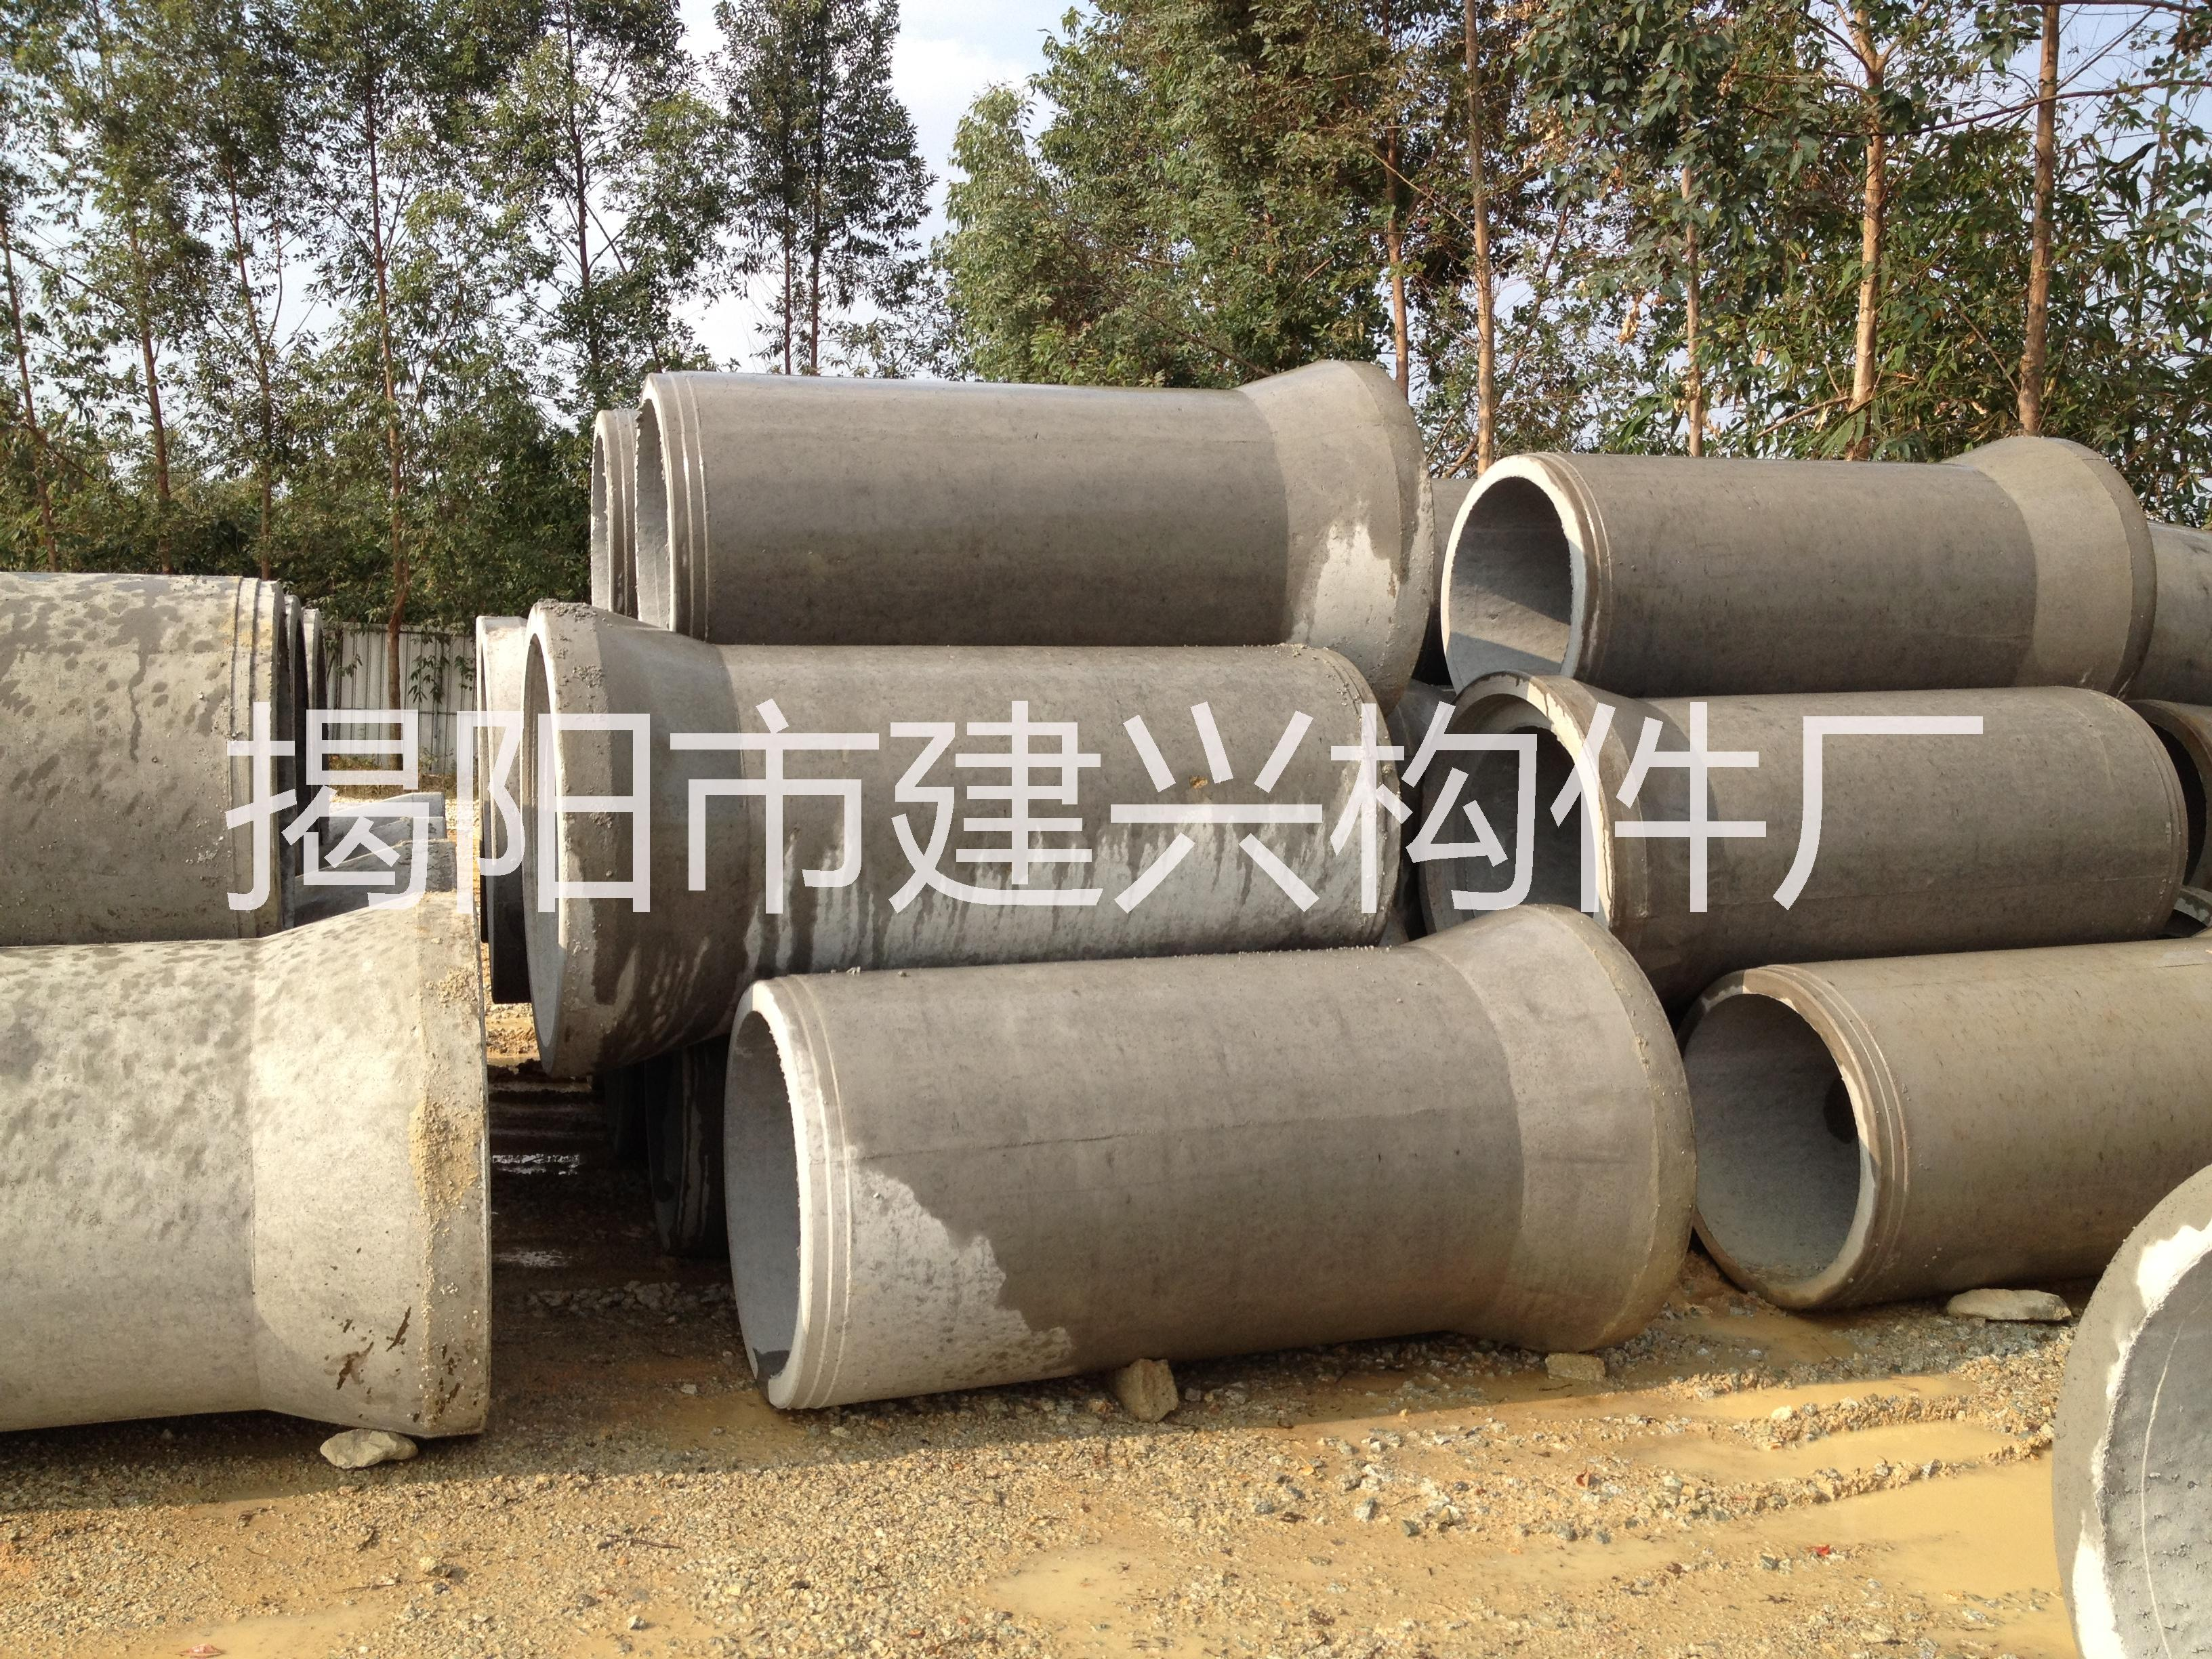 供应揭阳水泥管,揭阳钢筋混凝土排水管